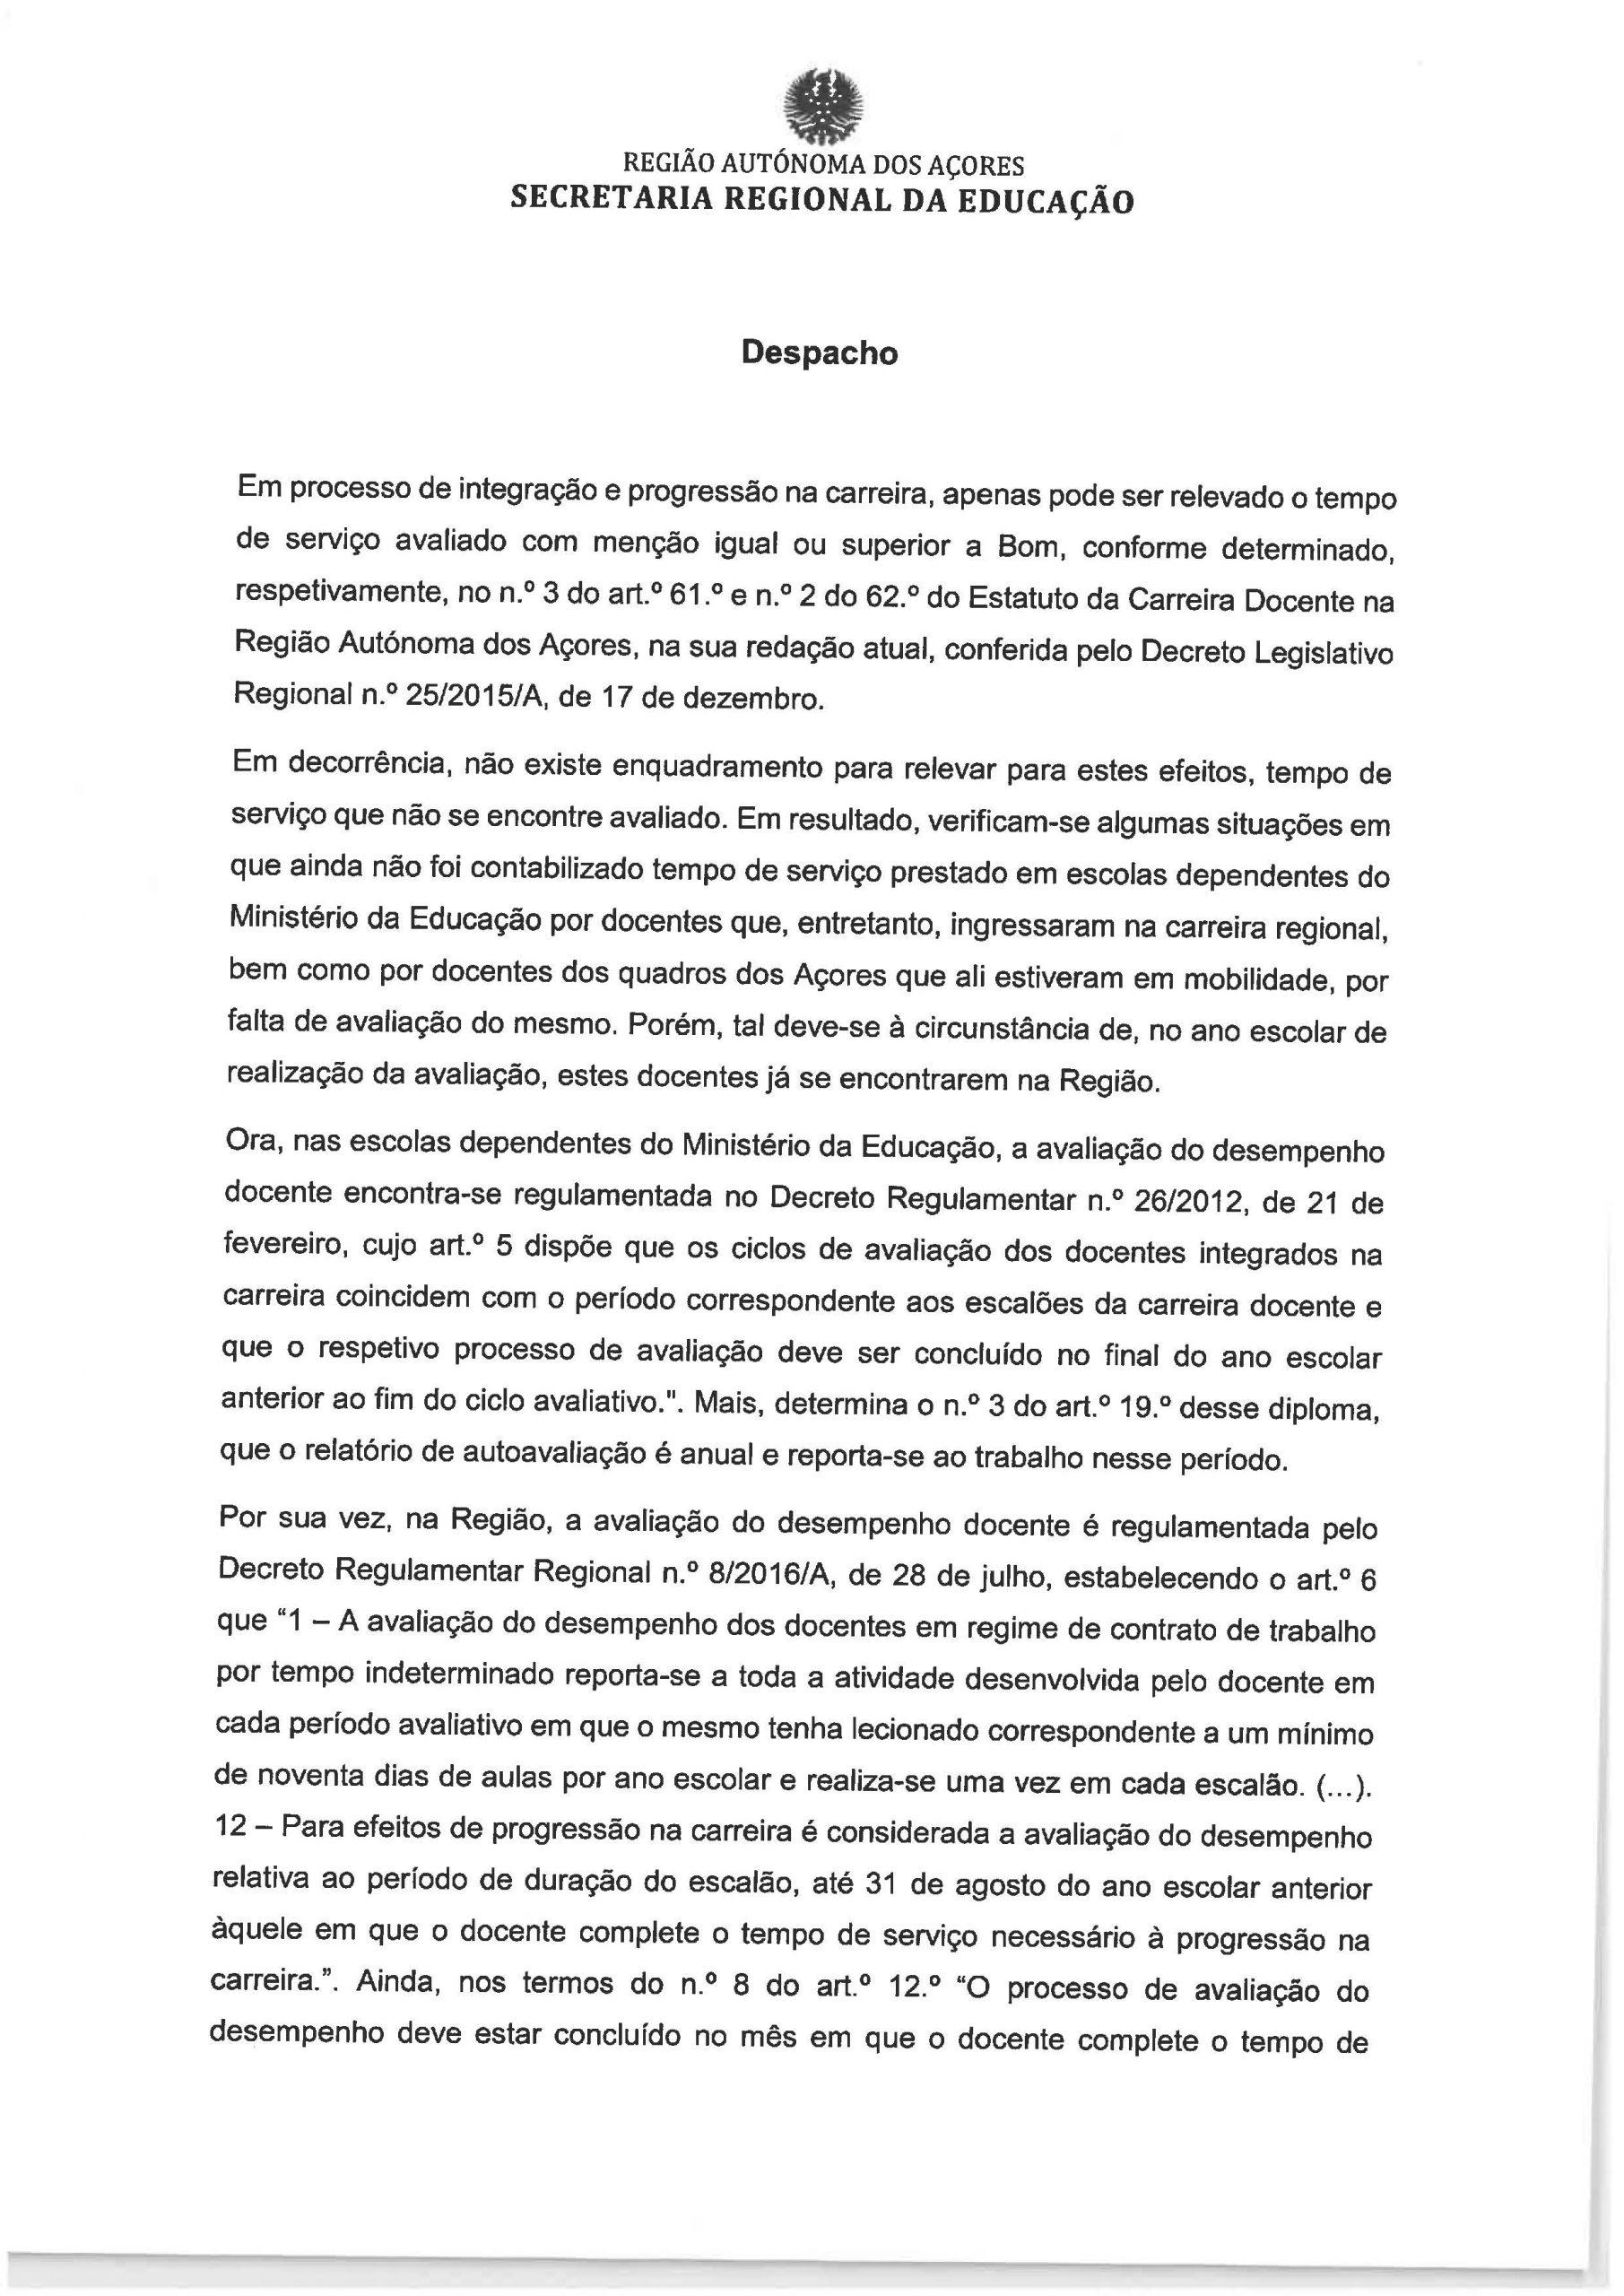 Despacho do Estatuto da Carreira Docente Page 1